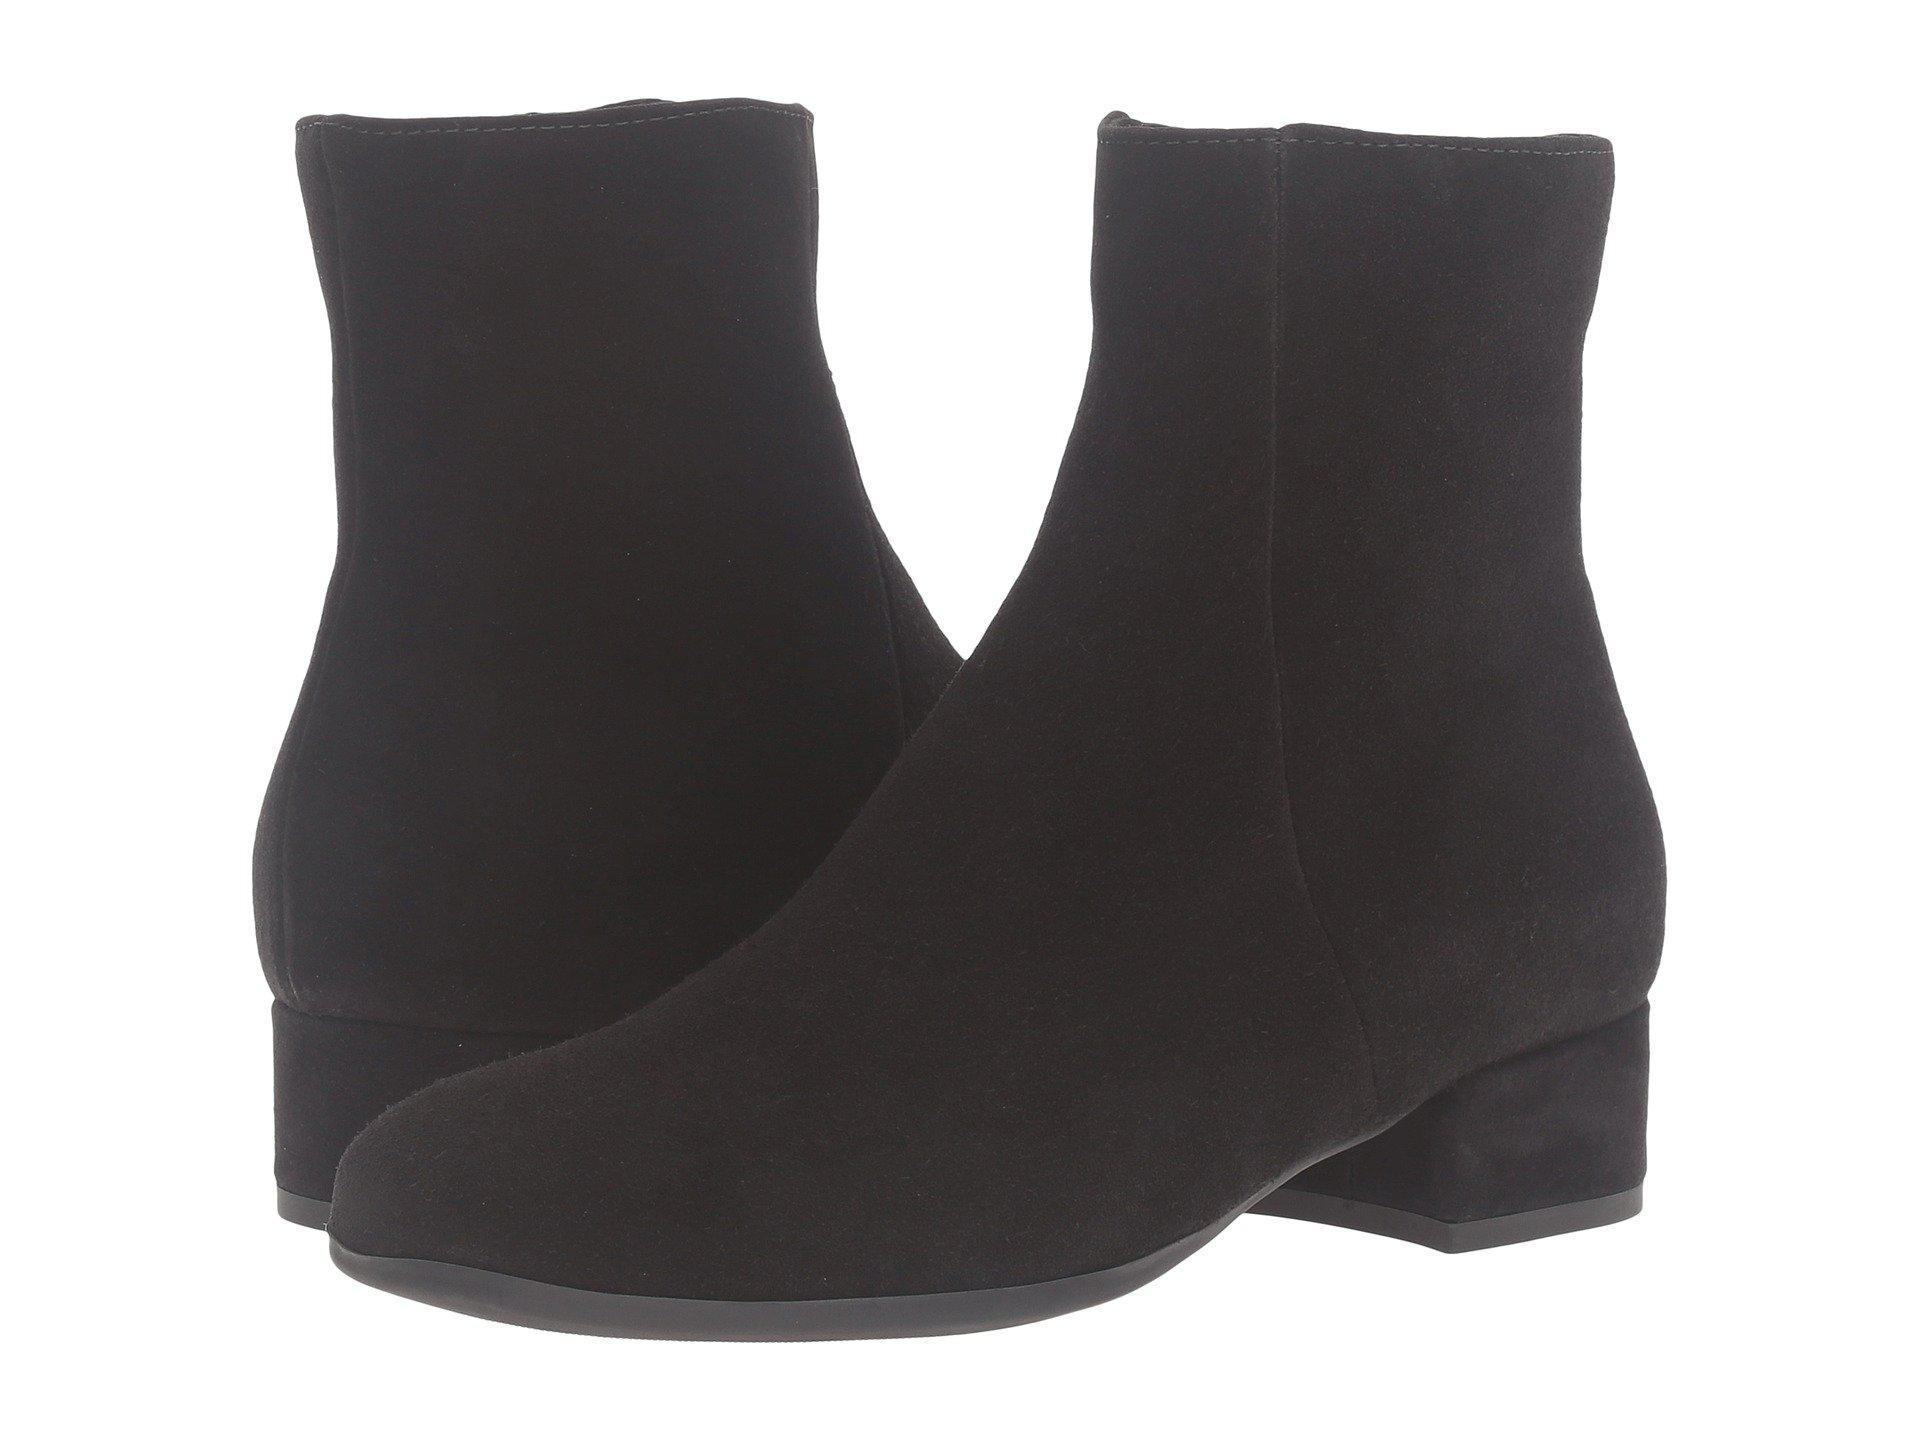 0f5a2aaa7c9 Lyst - La Canadienne Jillian (black Suede) Women s Boots in Black ...